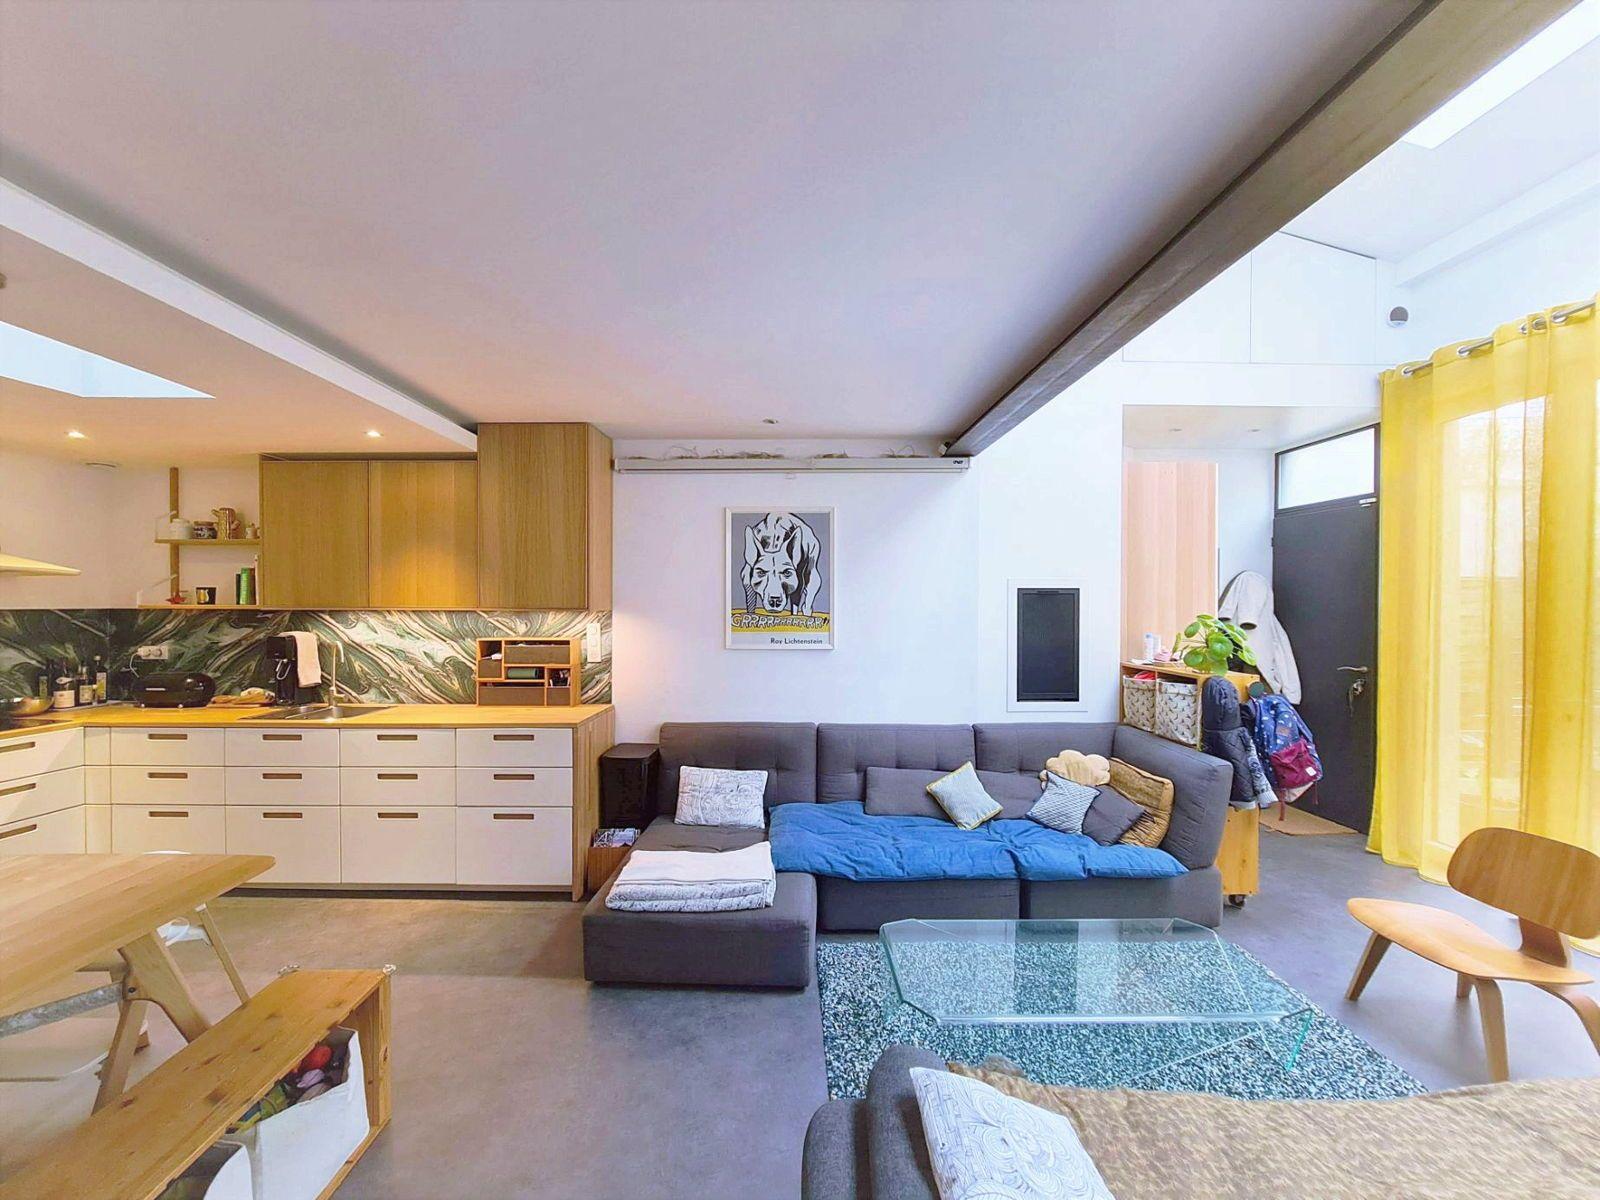 Vends loft en duplex 87m² + terrasse 24m² - Montreuil Centre Ville (93100)